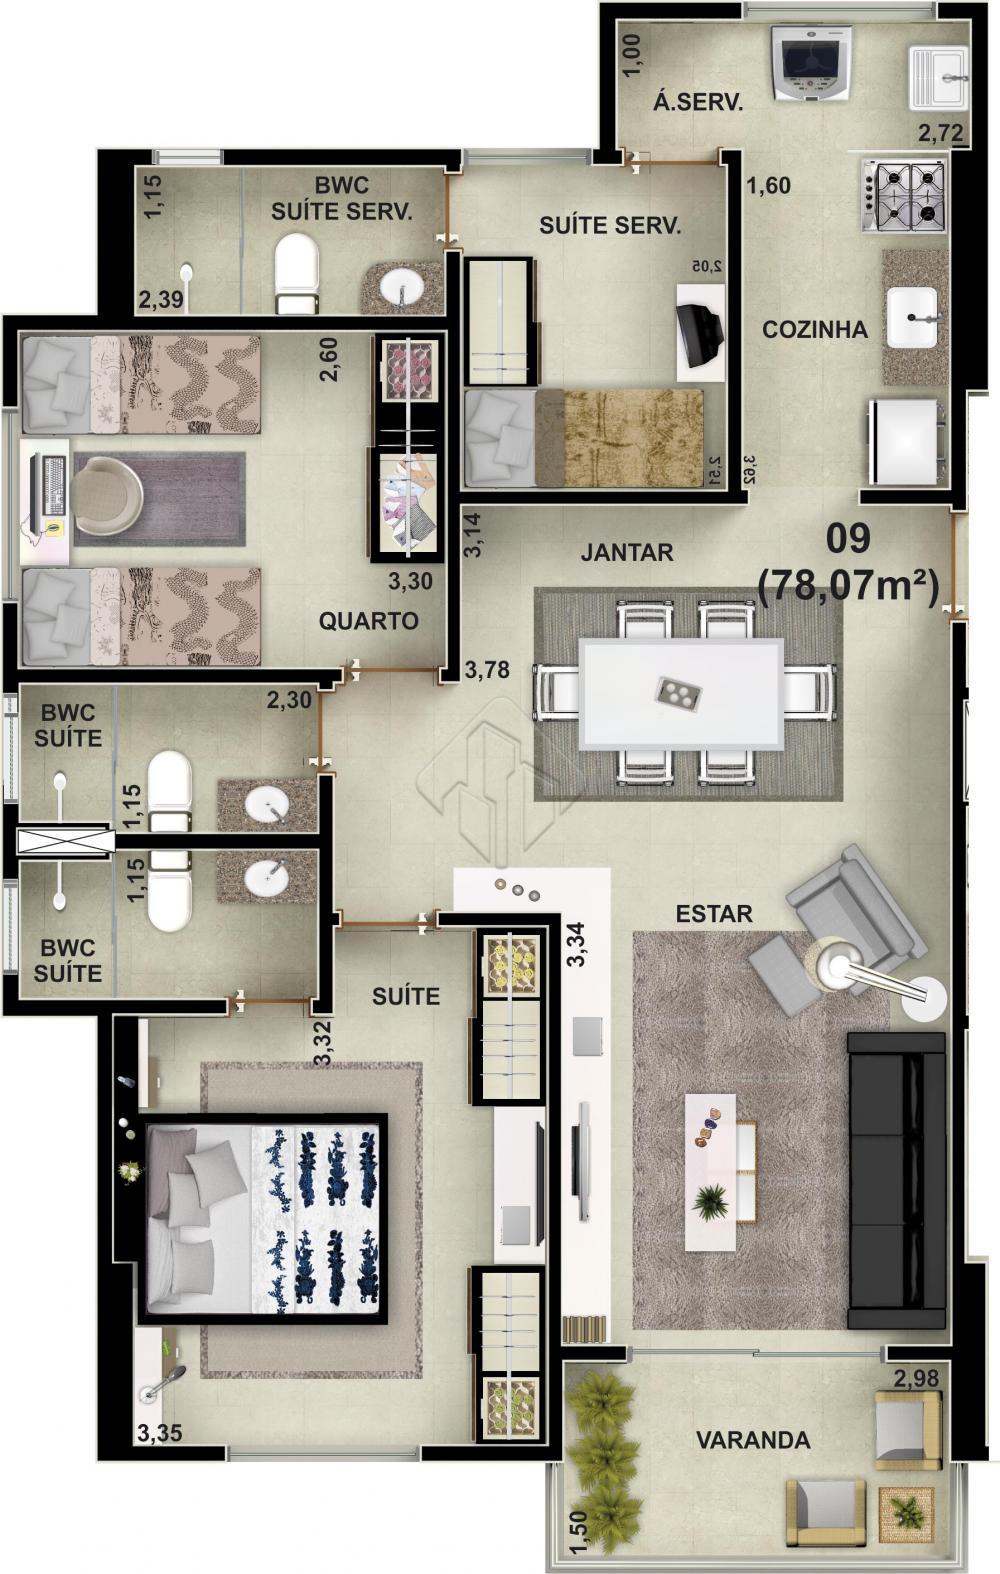 Comprar Apartamento / Padrão em João Pessoa apenas R$ 185.000,00 - Foto 25